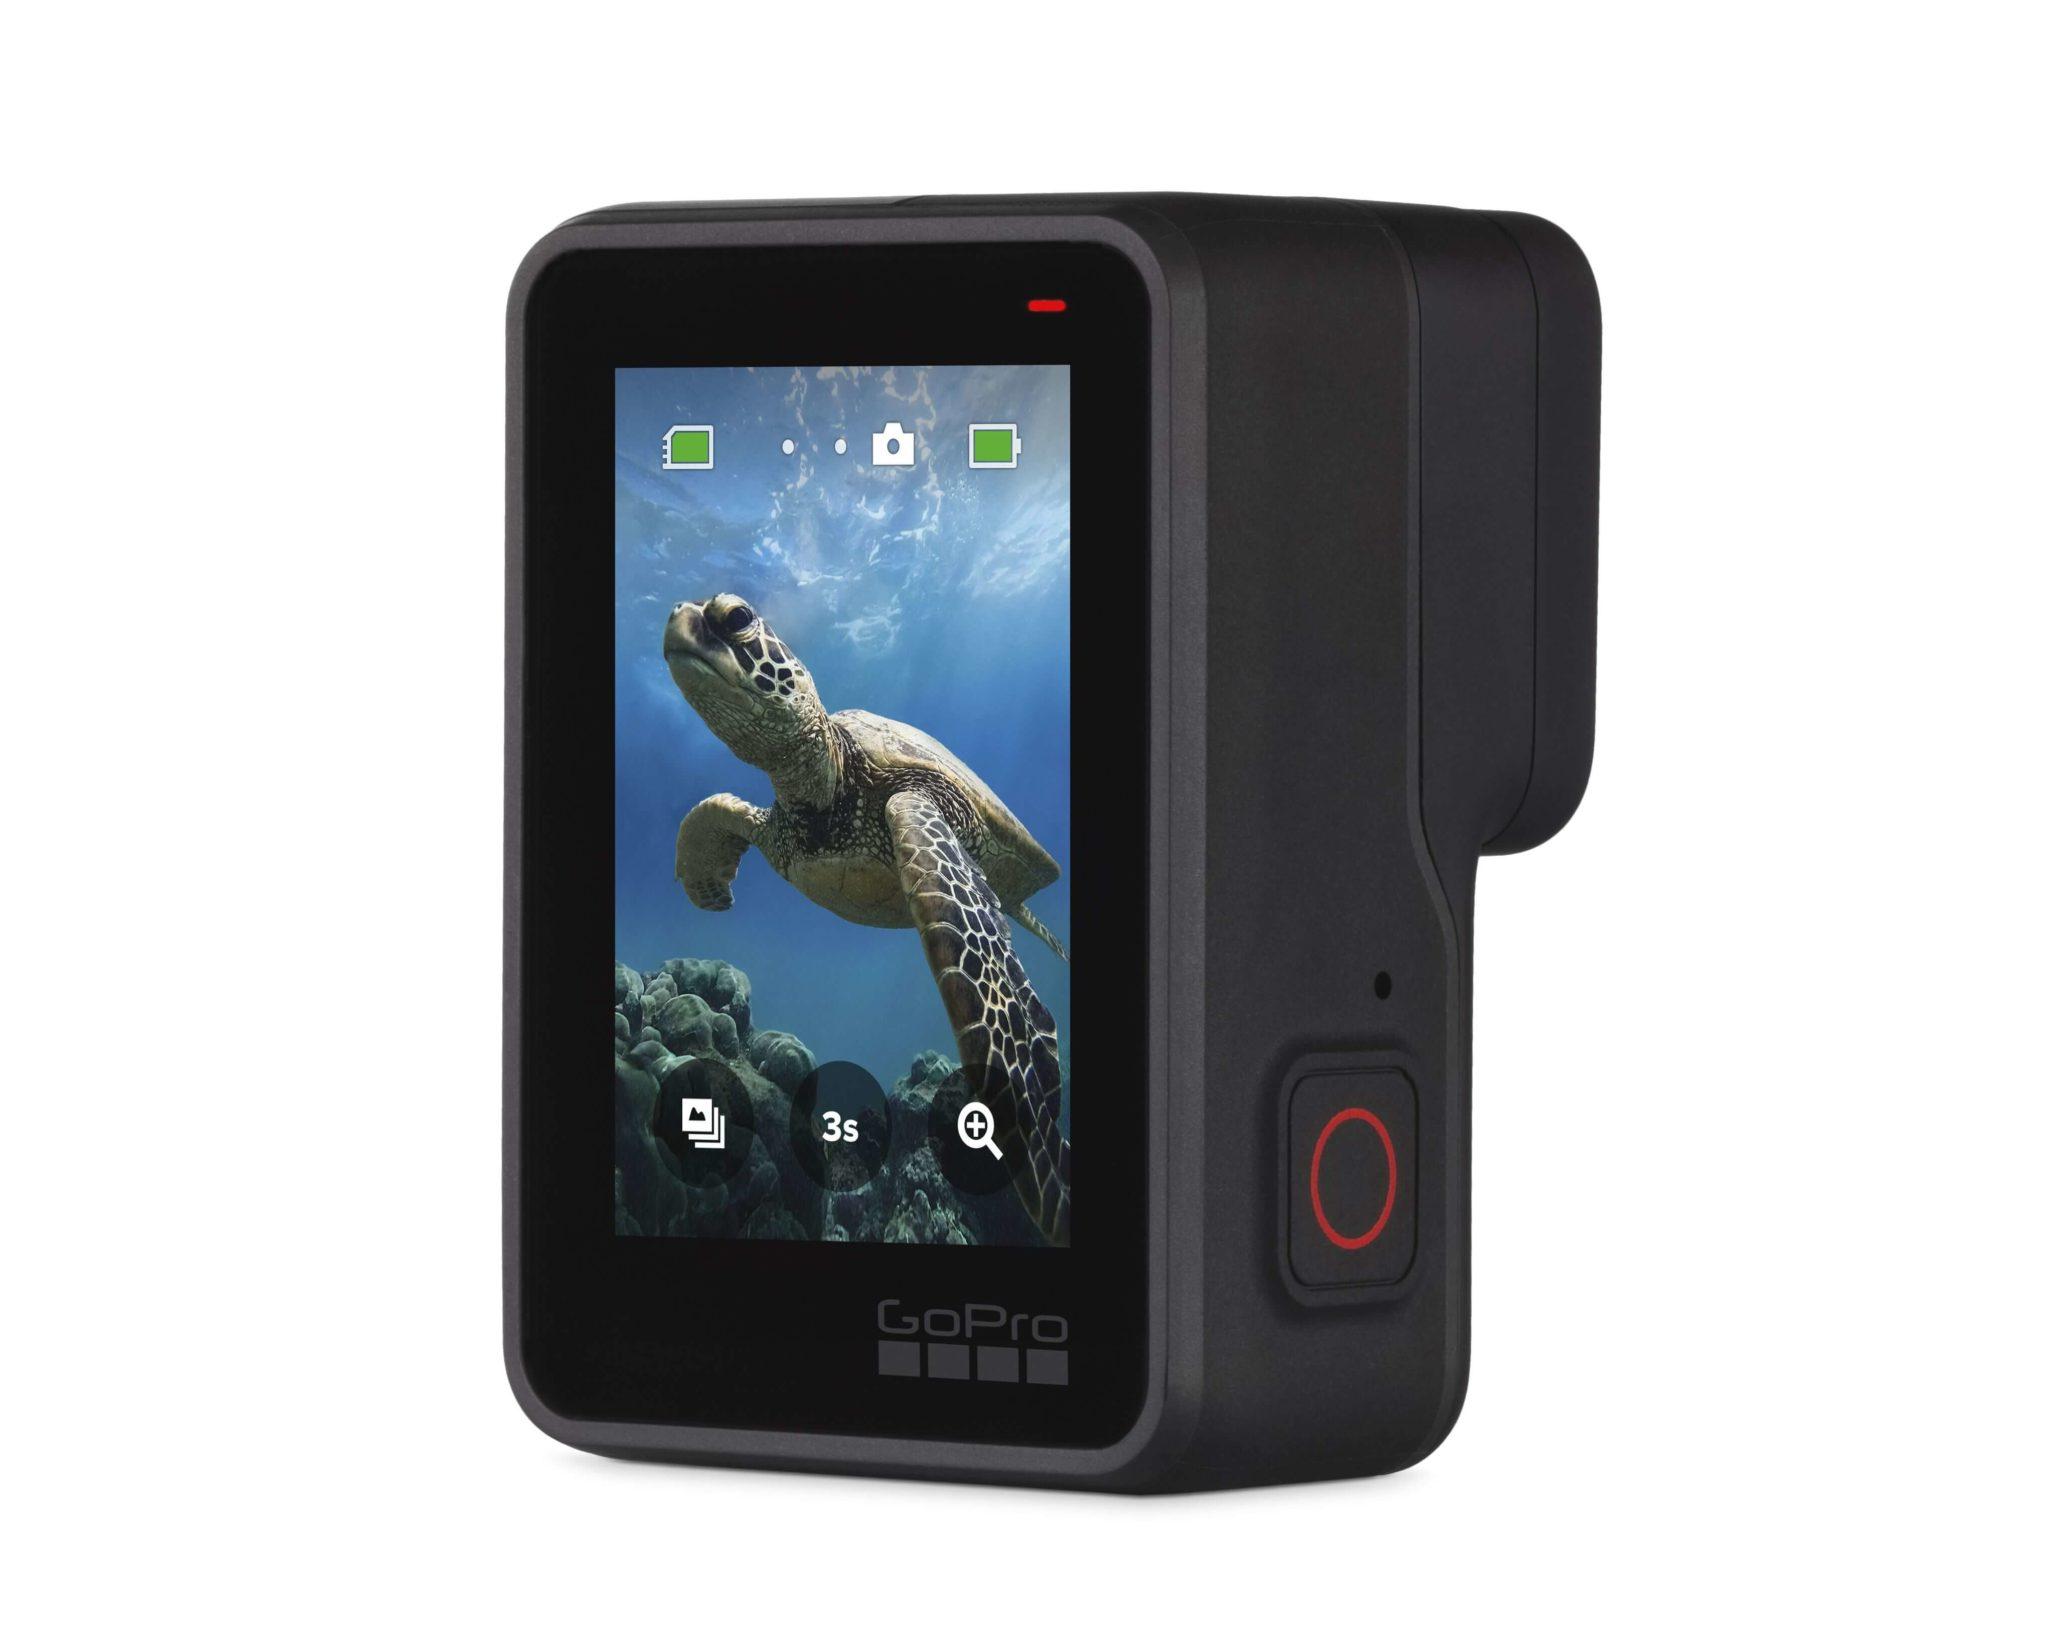 เปิดตัว GoPro HERO7 Black หมดยุควิดีโอภาพสั่น ถ่าย Live ได้ แถมมีสีใหม่อีก! 17 - camera